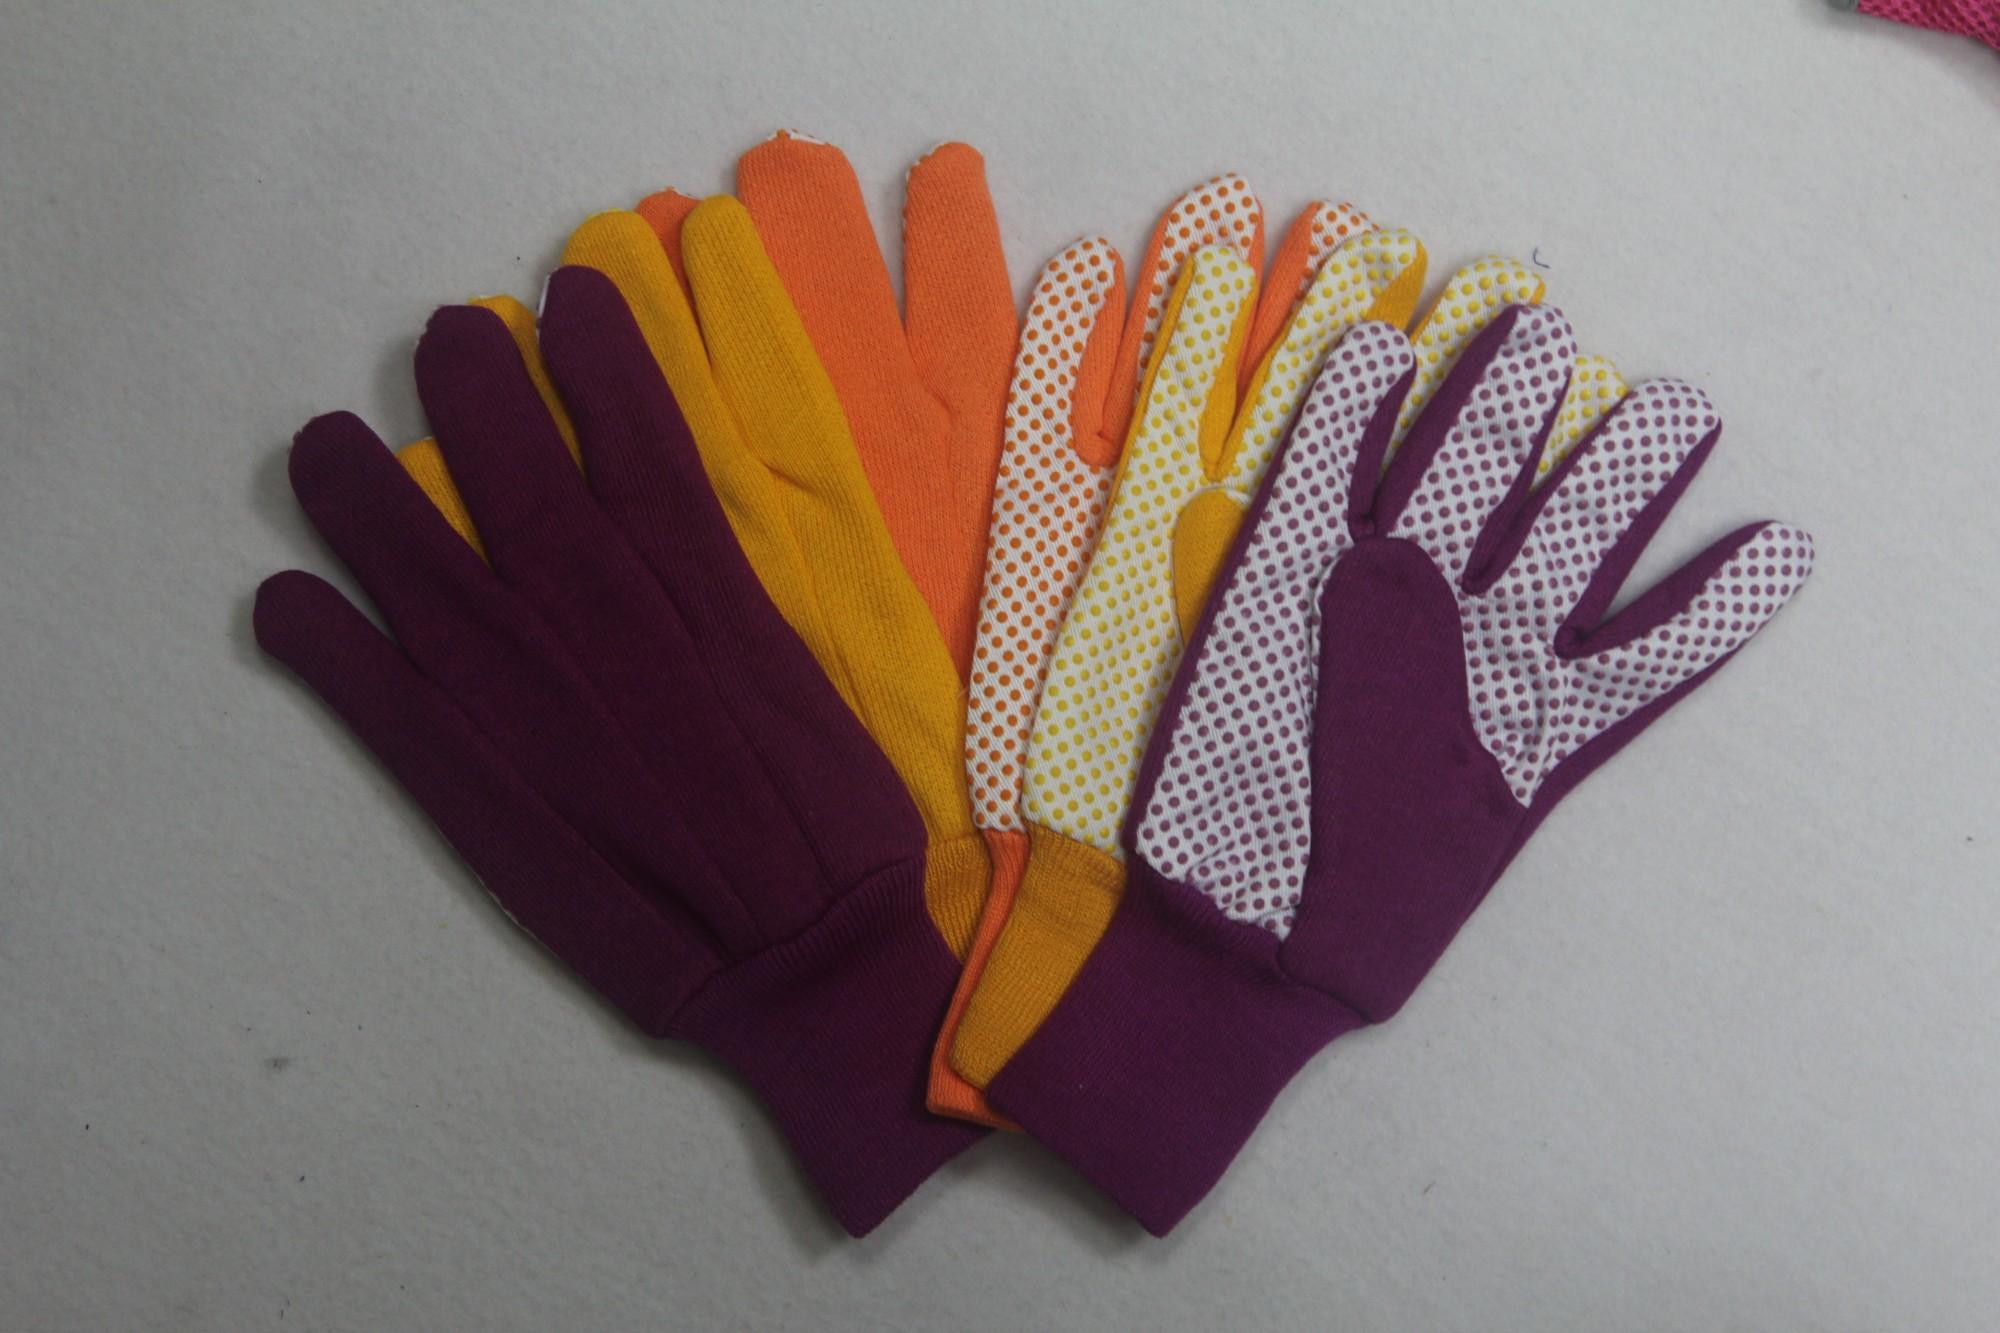 PVC Dots Mutiple-color Glove Manufacturers, PVC Dots Mutiple-color Glove Factory, Supply PVC Dots Mutiple-color Glove